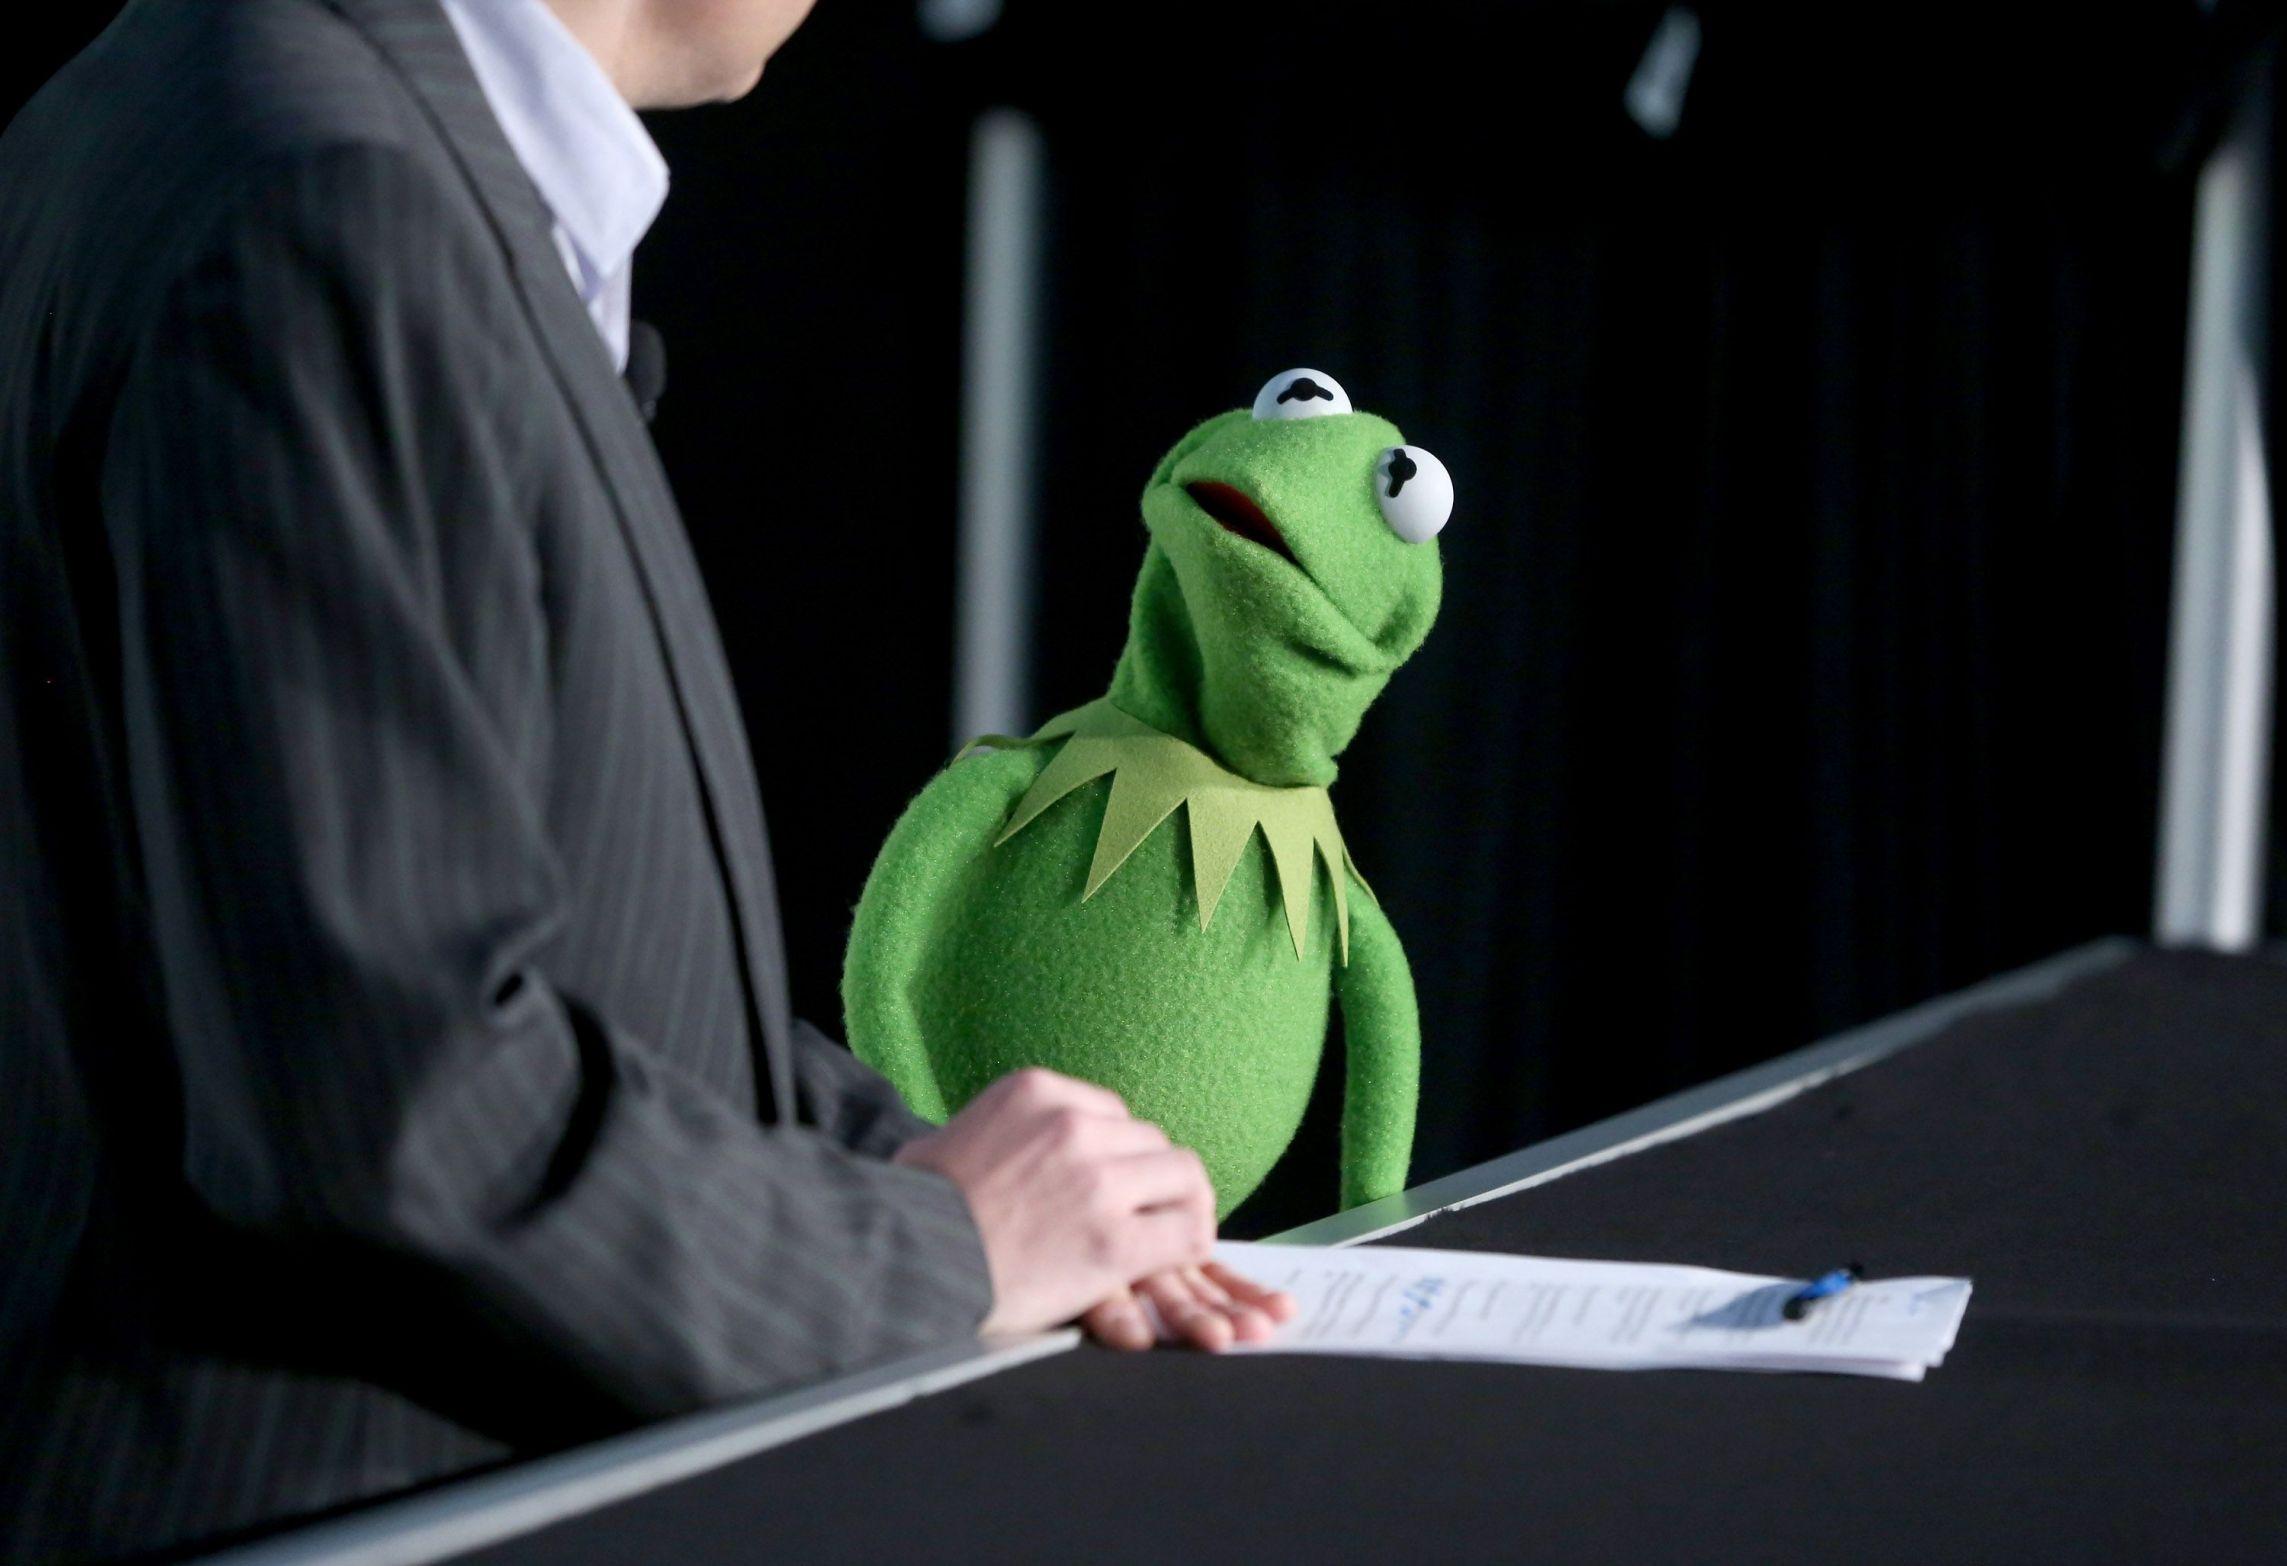 Imágenes De Kermit The Frog Meme Generator